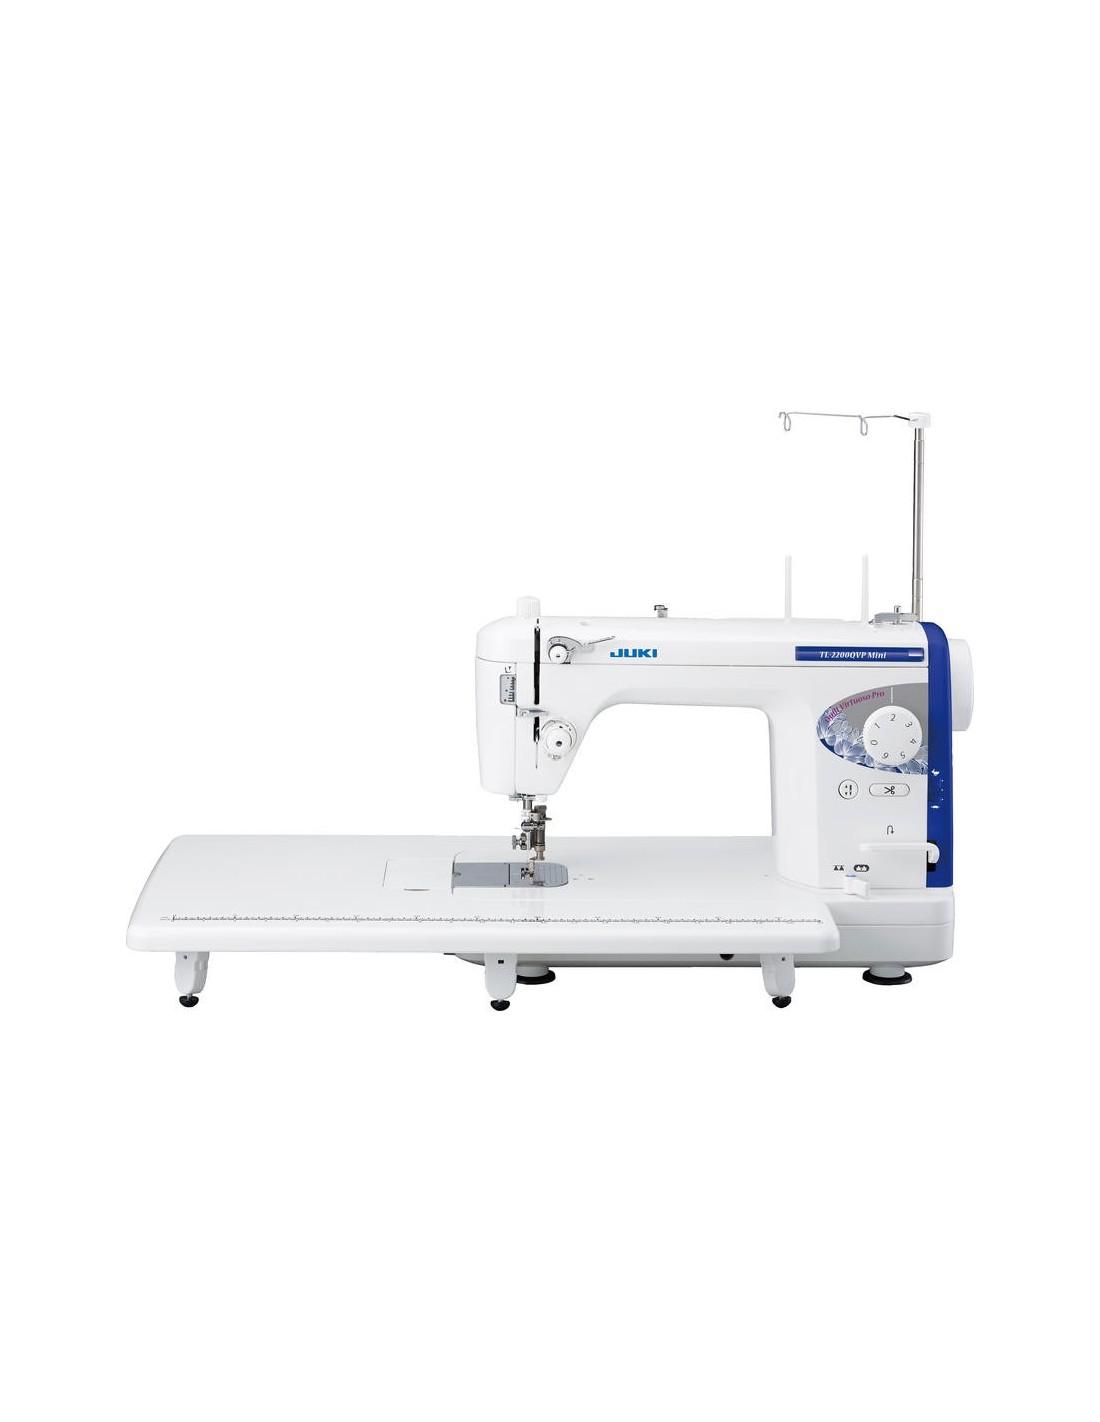 Juki Tl 2200qvp Semi Industrial Sewing Machine Sewing